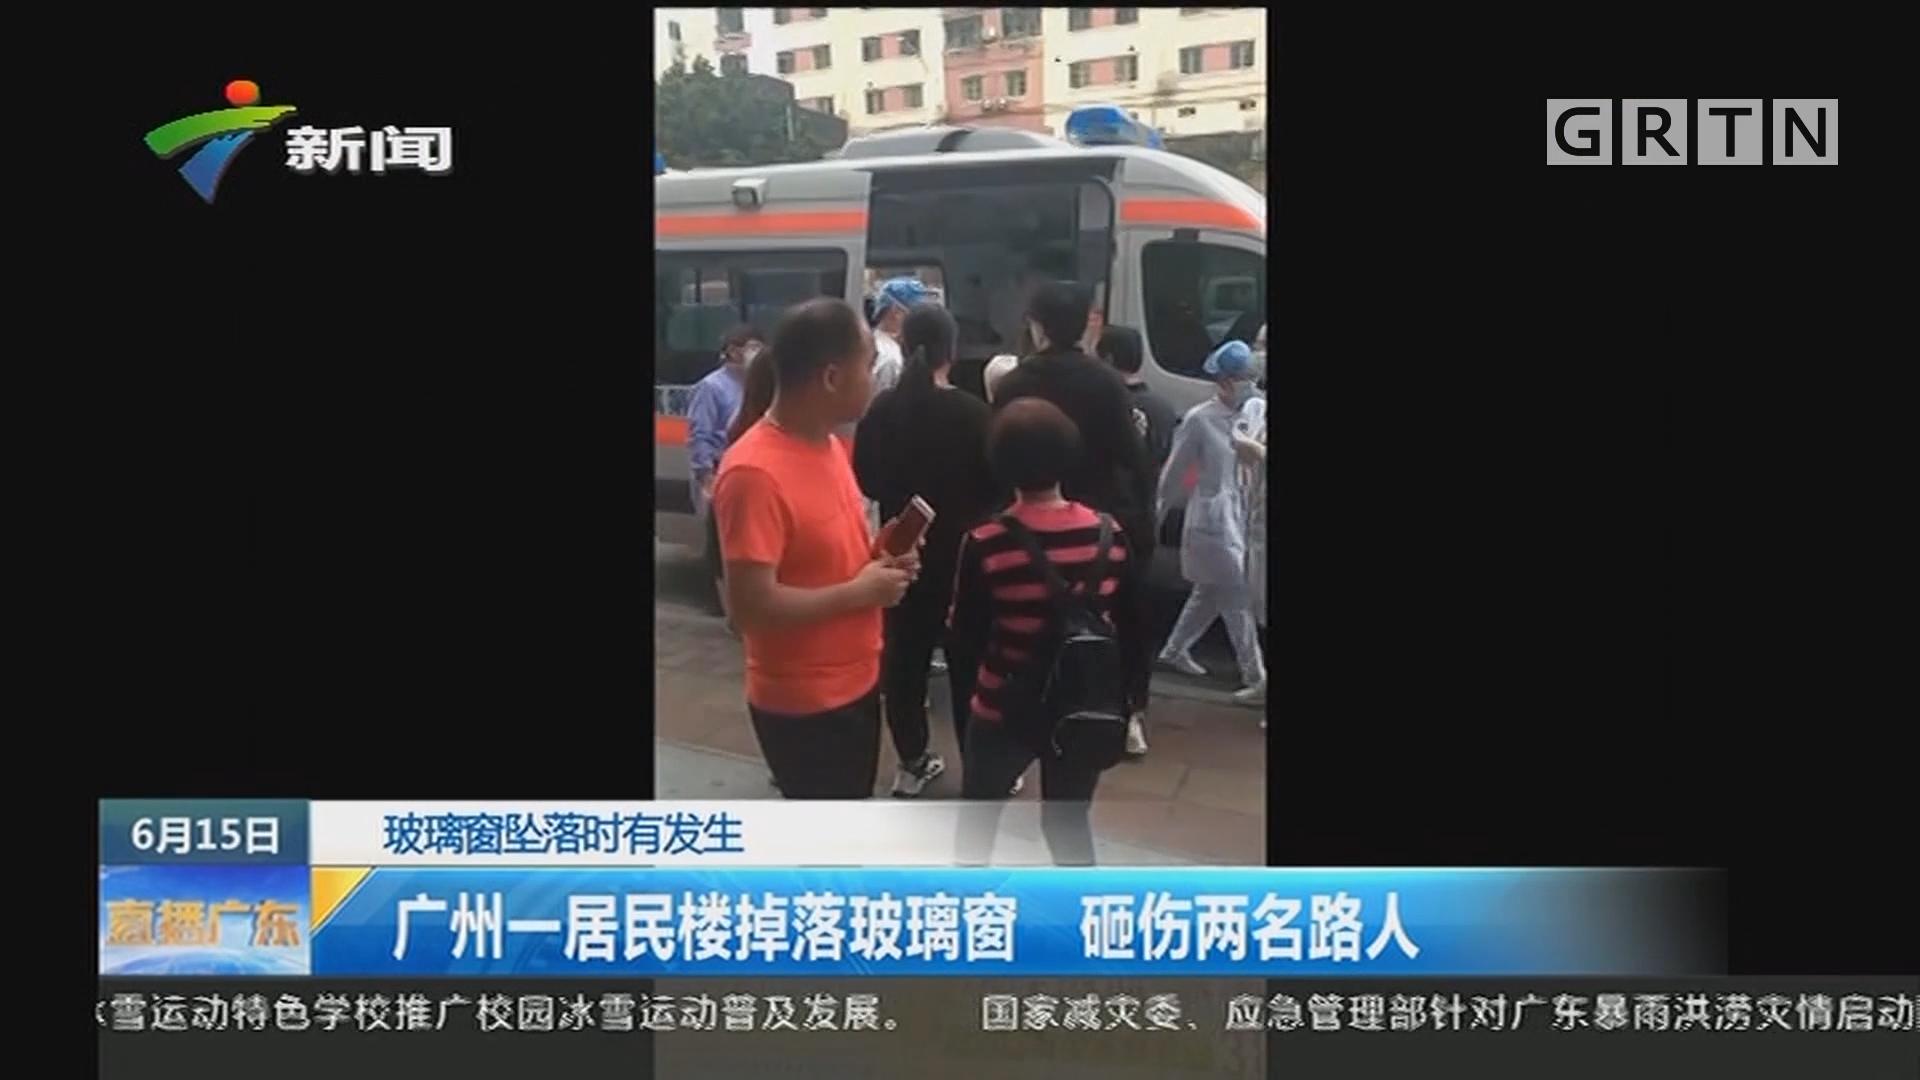 玻璃窗坠落时有发生:广州一居民楼掉落玻璃窗 砸伤两名路人